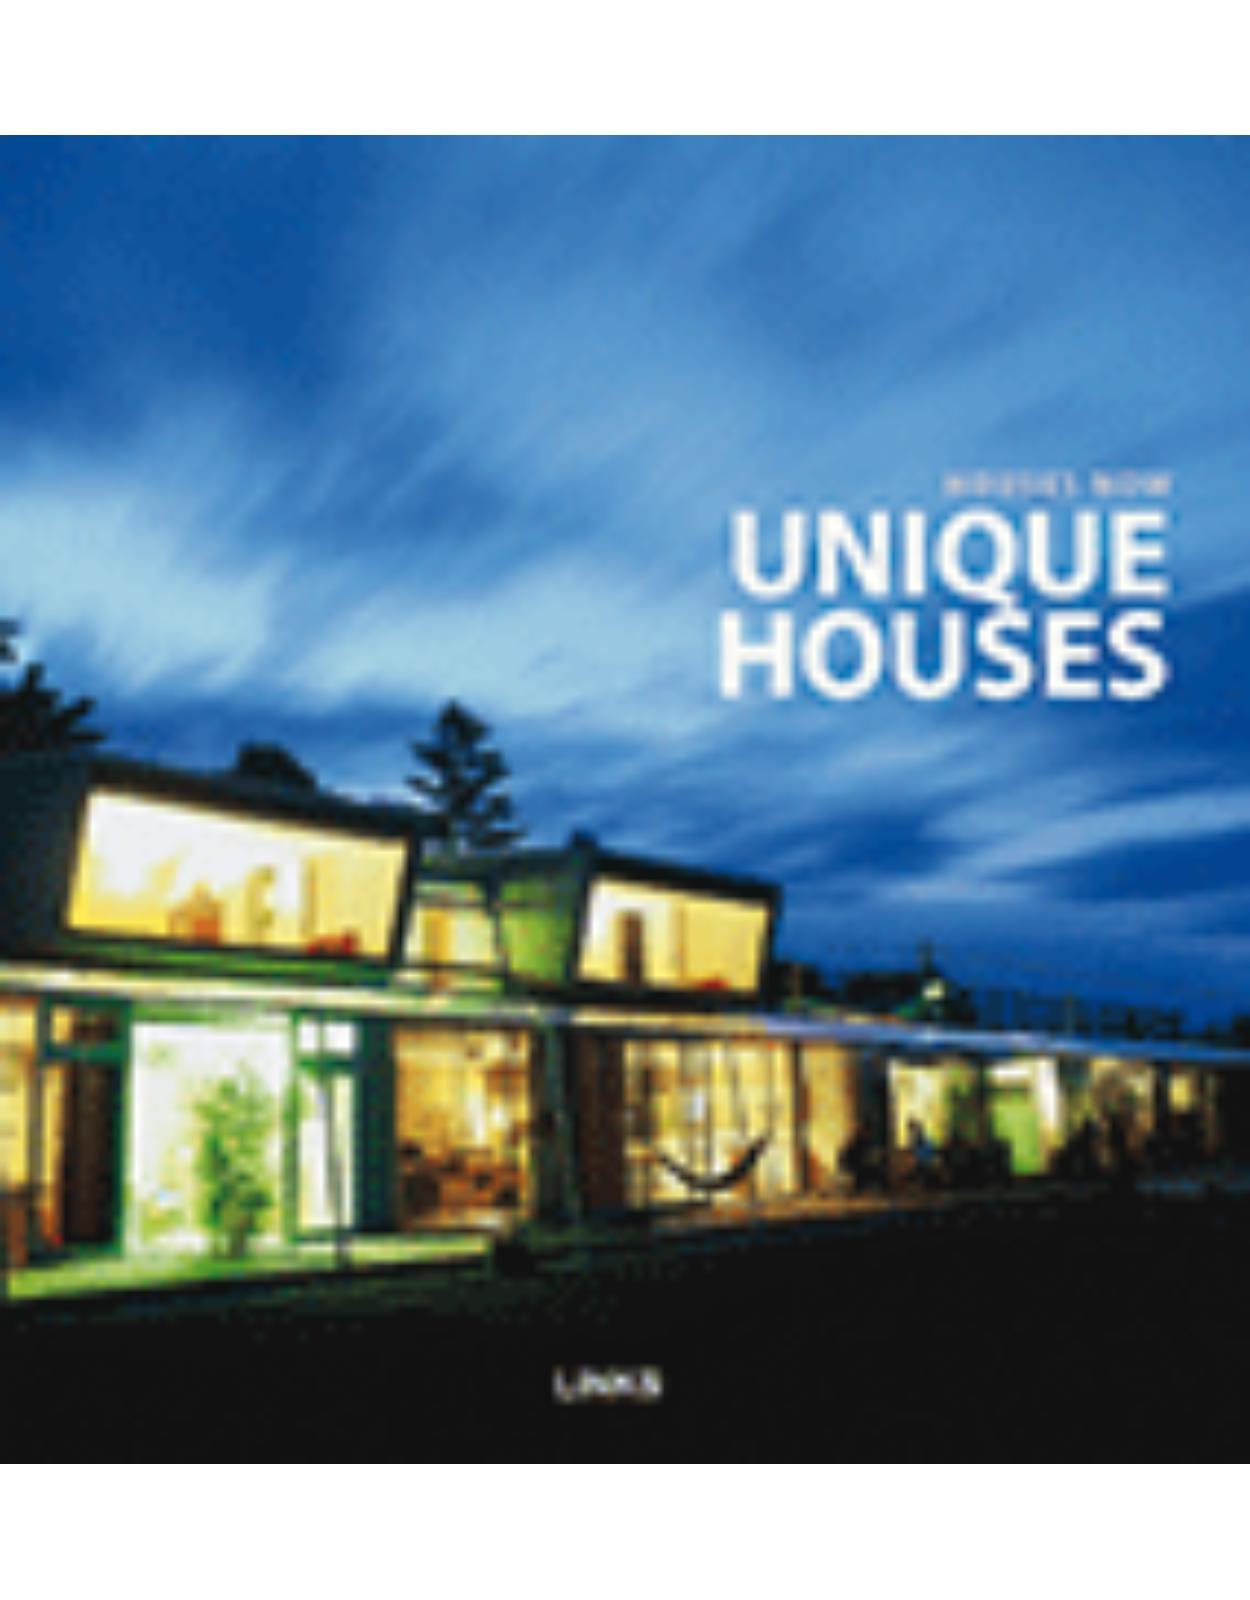 House Now: Unique Houses